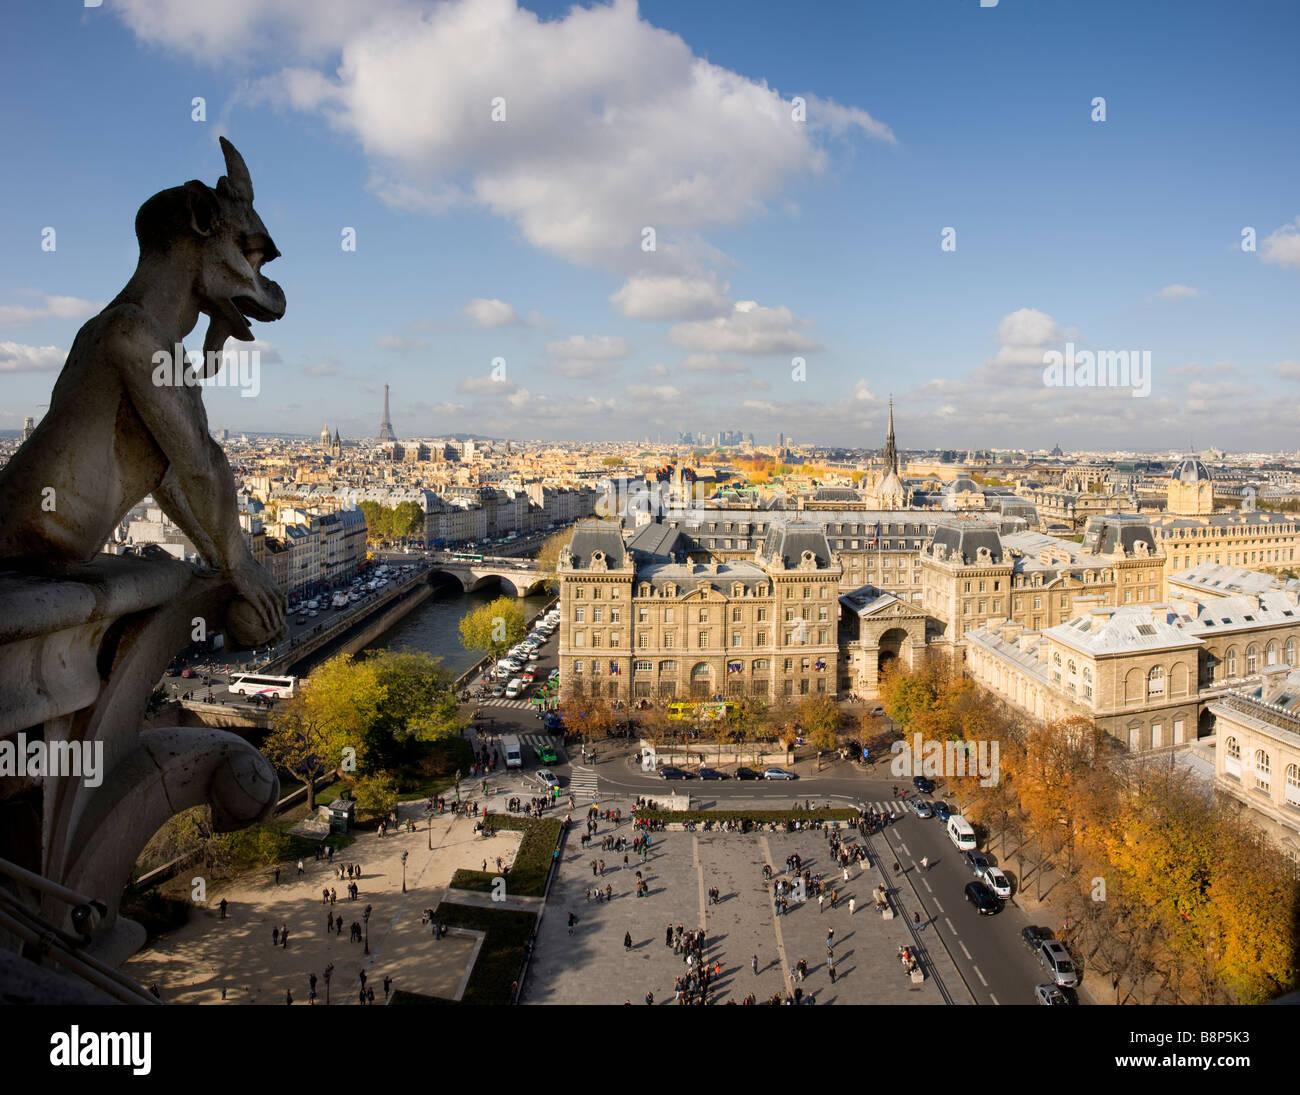 Torre Eiffel vista desde la parte superior de la catedral de Notre Dame en París Francia Imagen De Stock